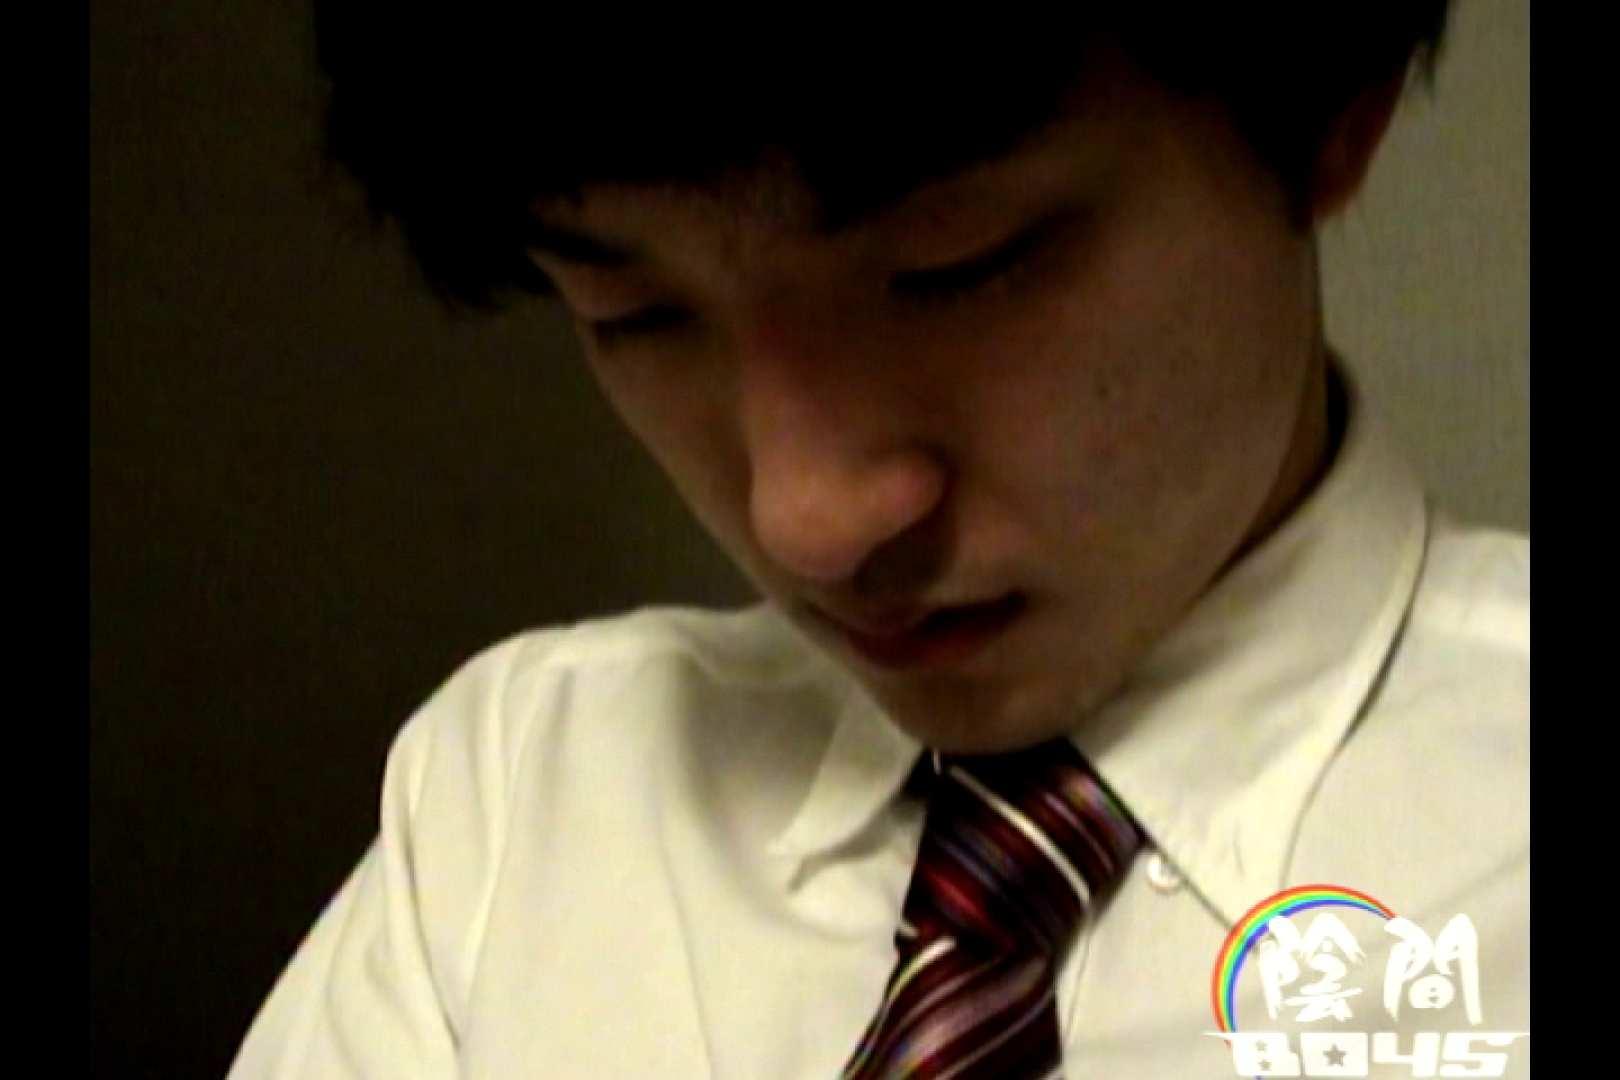 陰間BOYS~power harassment~01 覗き見 ゲイエロ画像 92pic 43